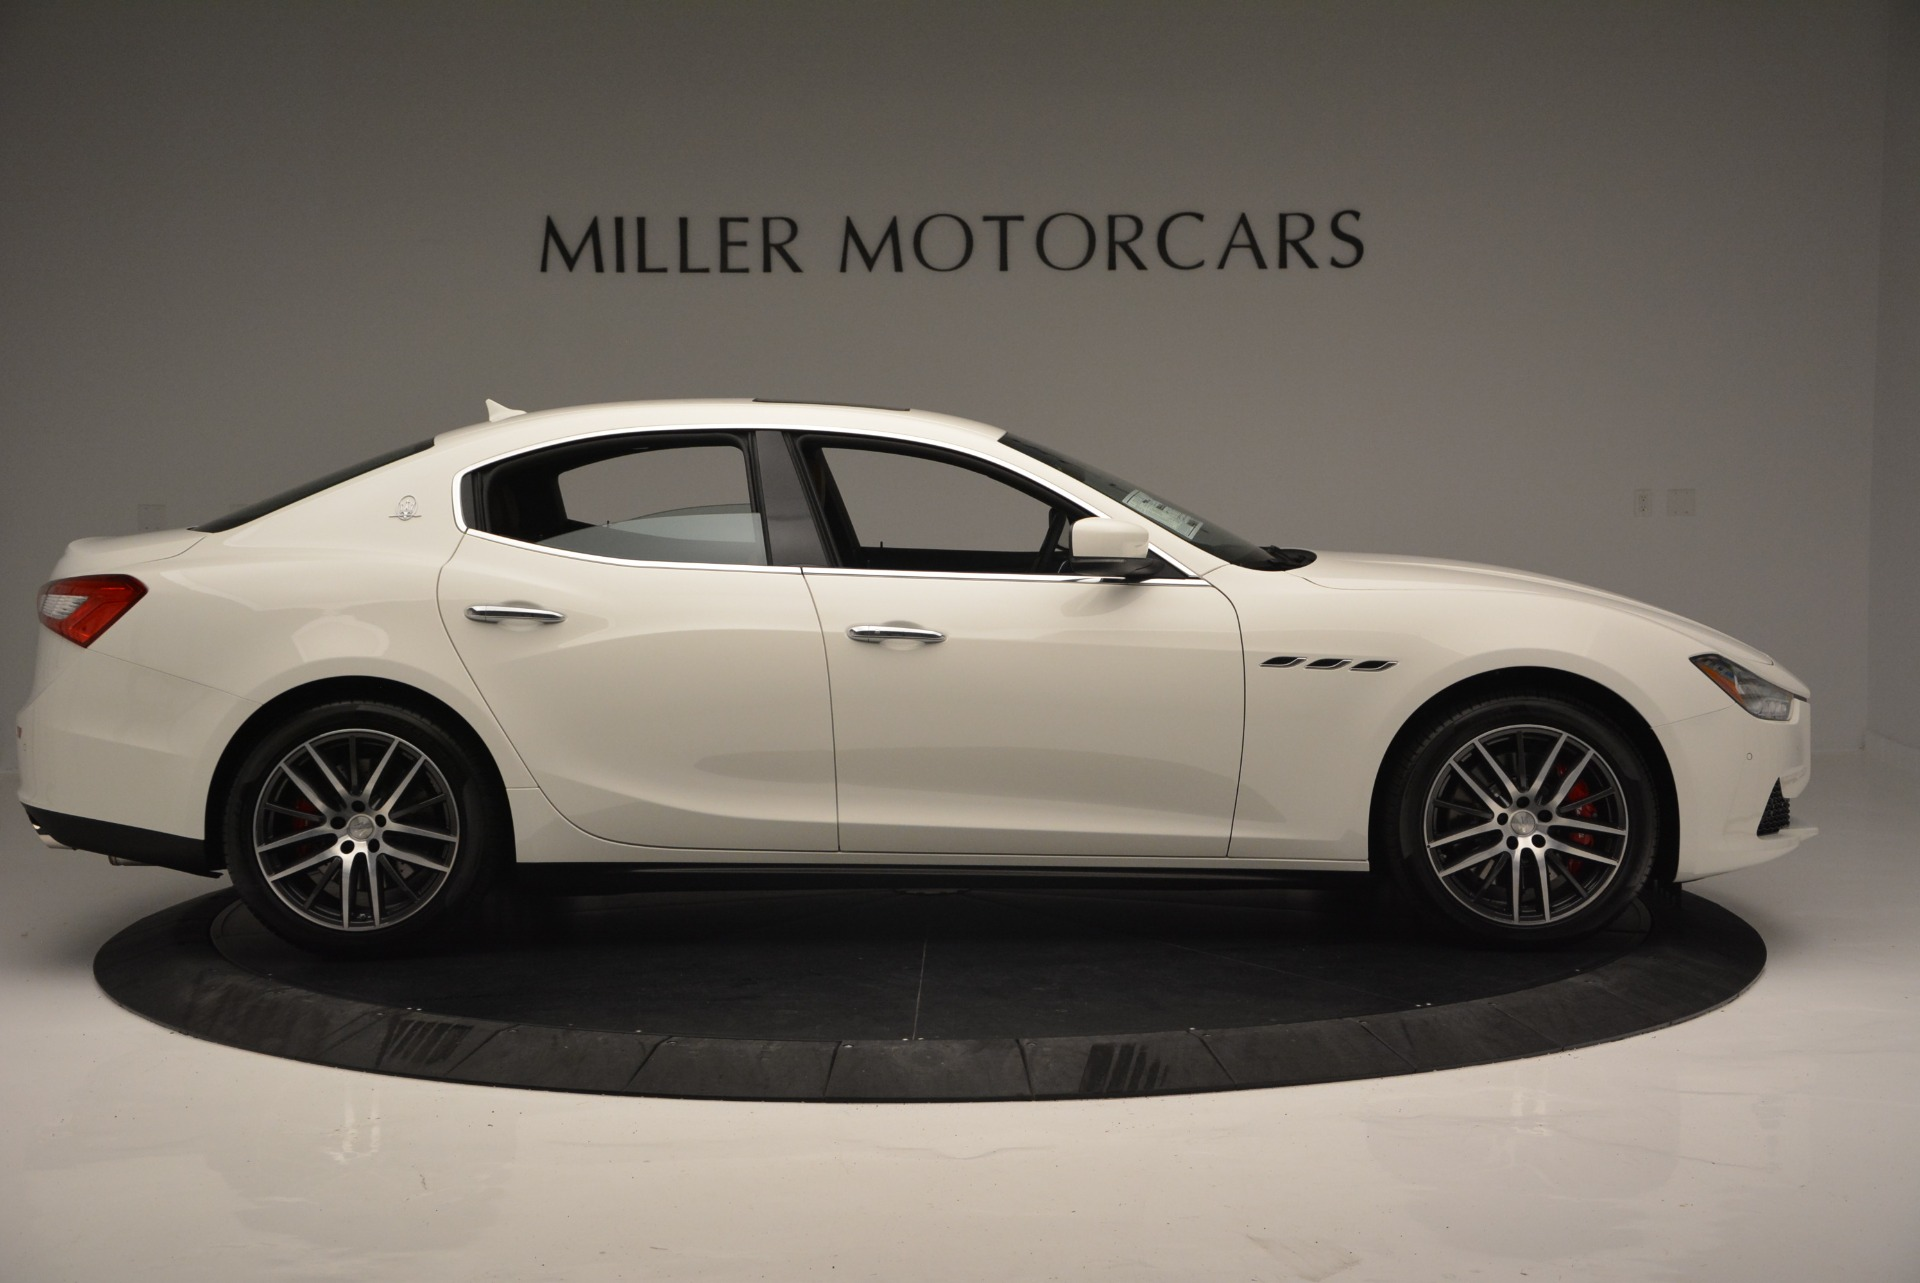 New 2017 Maserati Ghibli S Q4 For Sale In Greenwich, CT 1164_p6